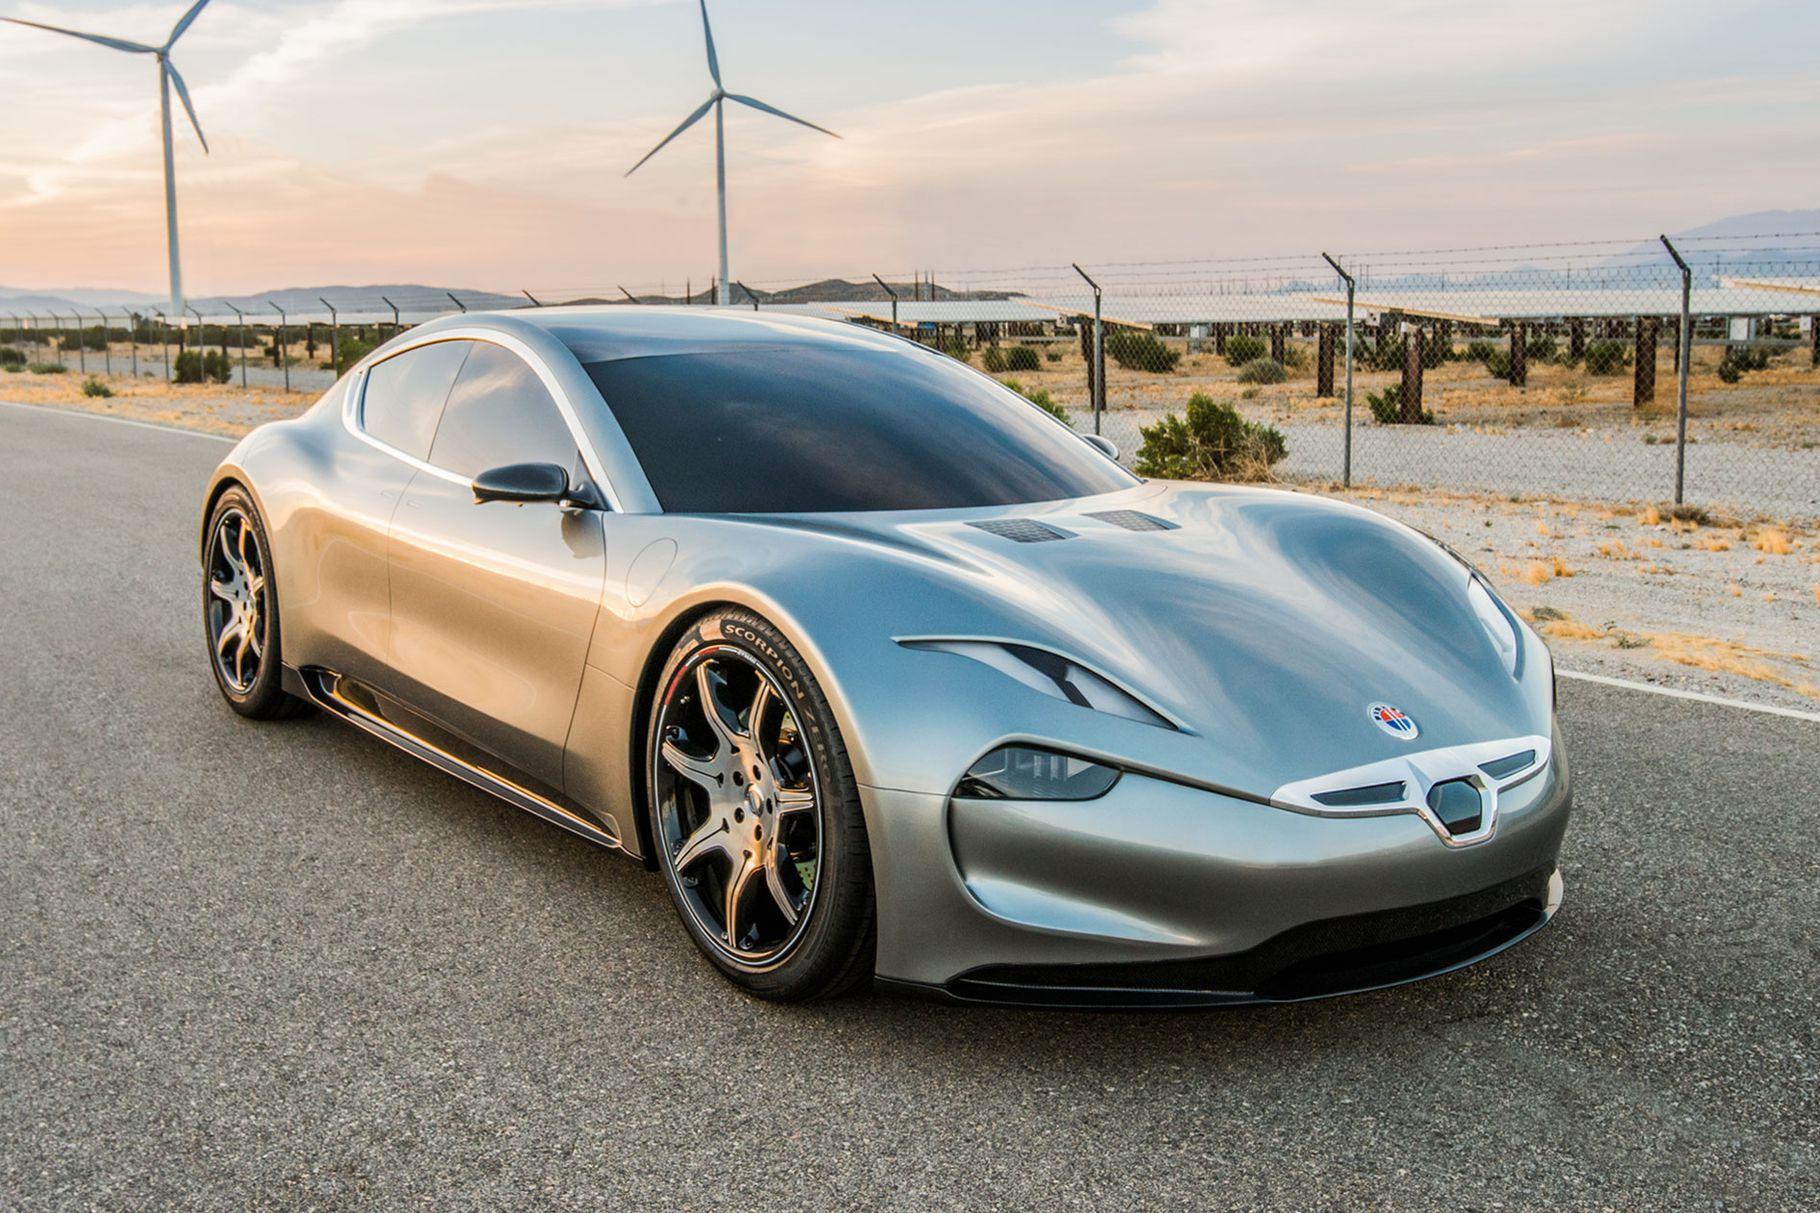 Fisker chystá premiéru luxusního elektromobilu. Tesla vedle něj vypadá jak chudý příbuzný